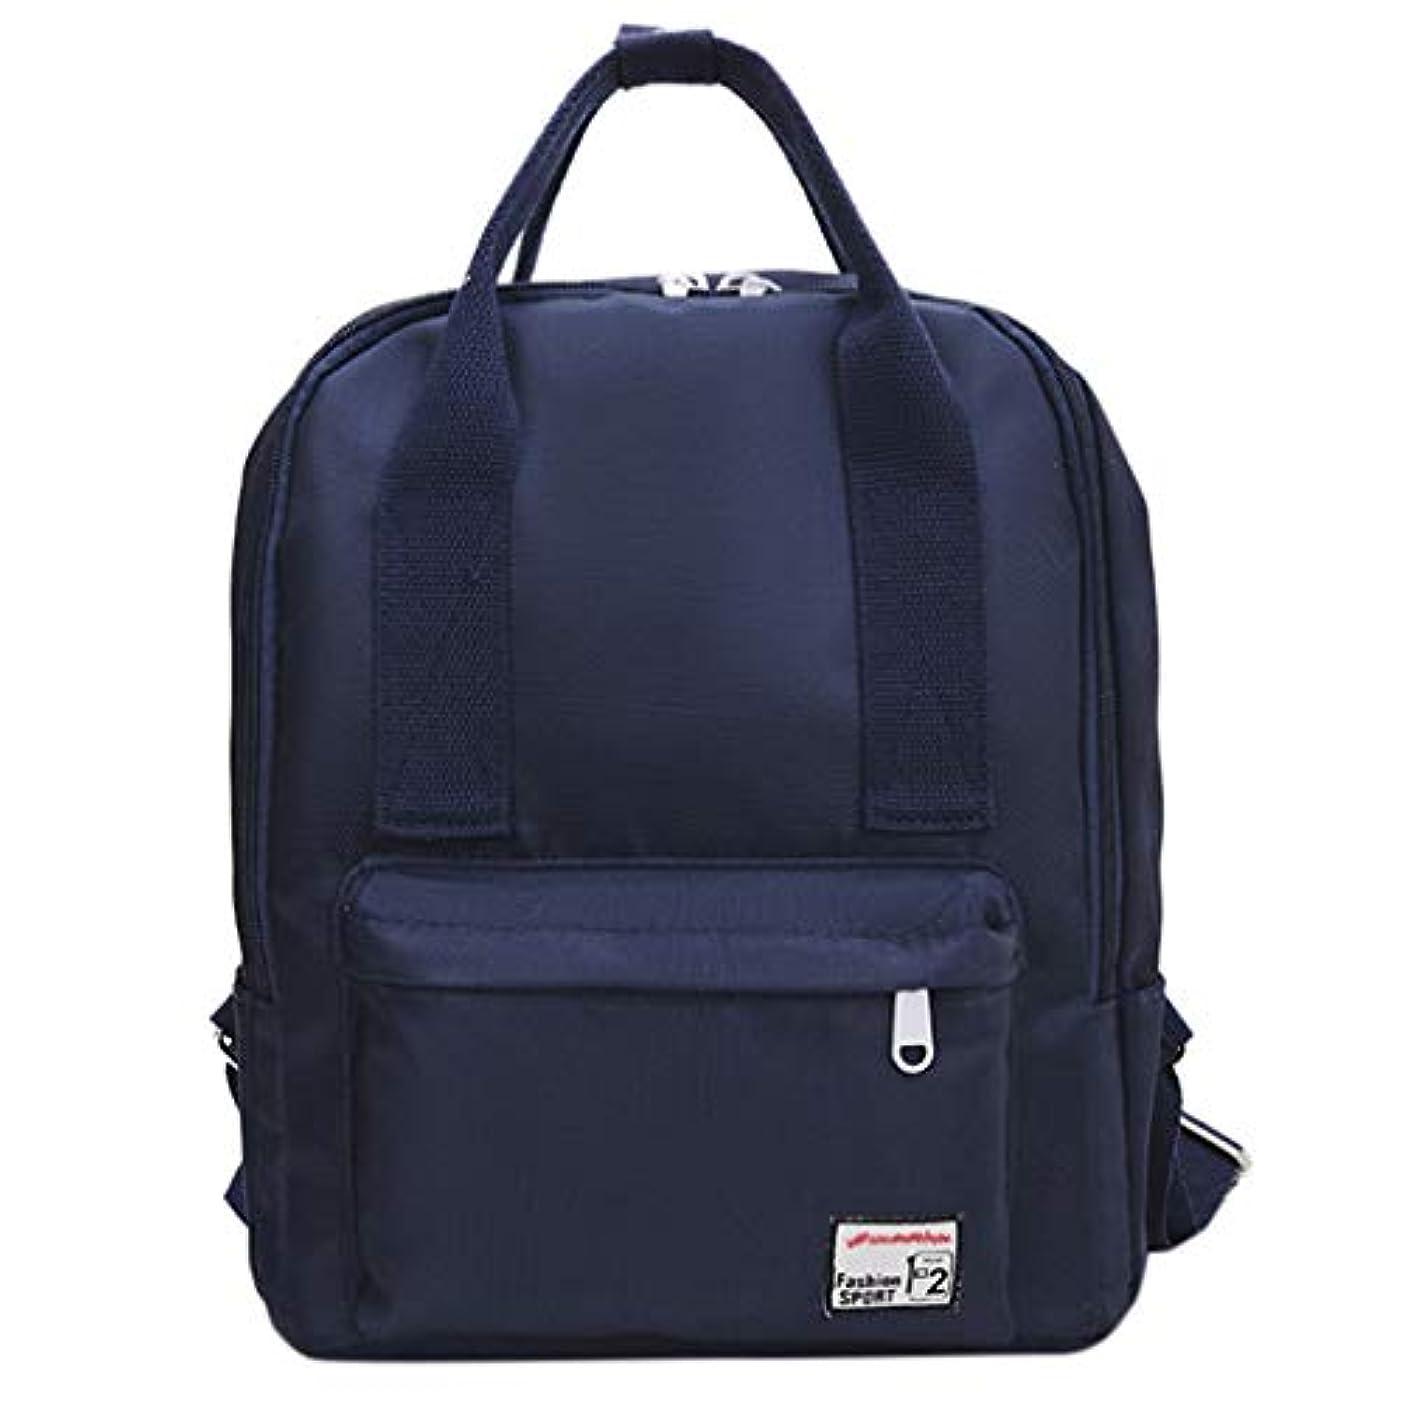 再生的高層ビルサスペンド女の子屋外かわいいシンプルなナイロンバックパック、学生襟カラーアートバッグ屋外軽量旅行ポータブル耐久性のあるバックパック